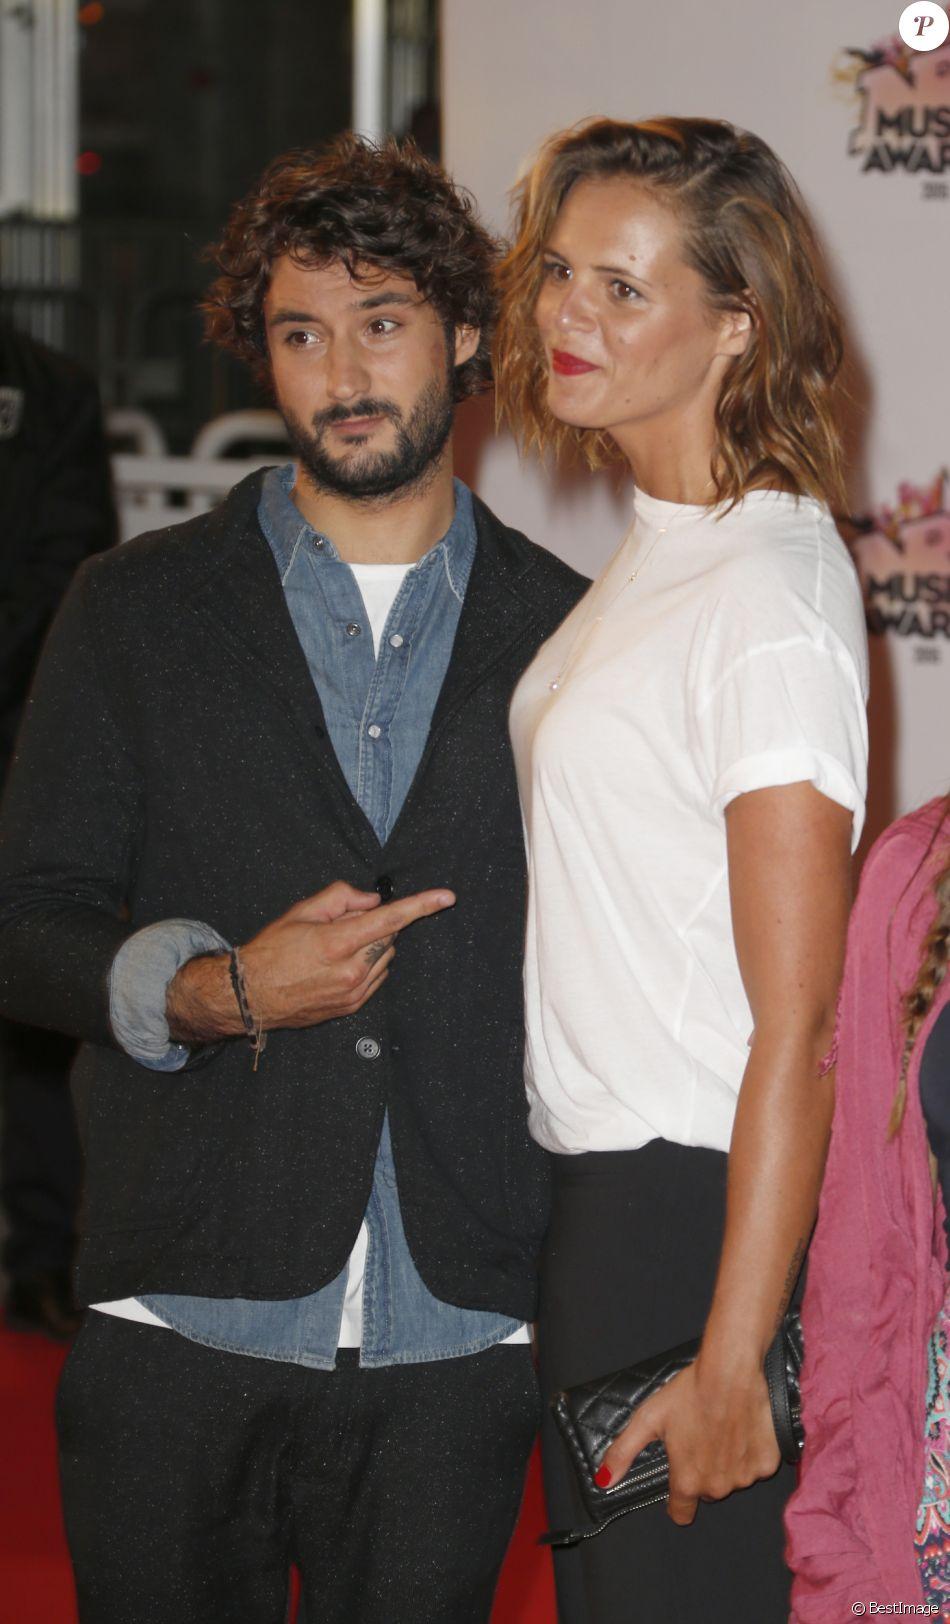 Laure Manaudou et son compagnon Jérémy Frérot à la 17ème cérémonie des NRJ Music Awards 2015 au Palais des Festivals à Cannes, le 7 novembre 2015. © Christophe Aubert via Bestimage